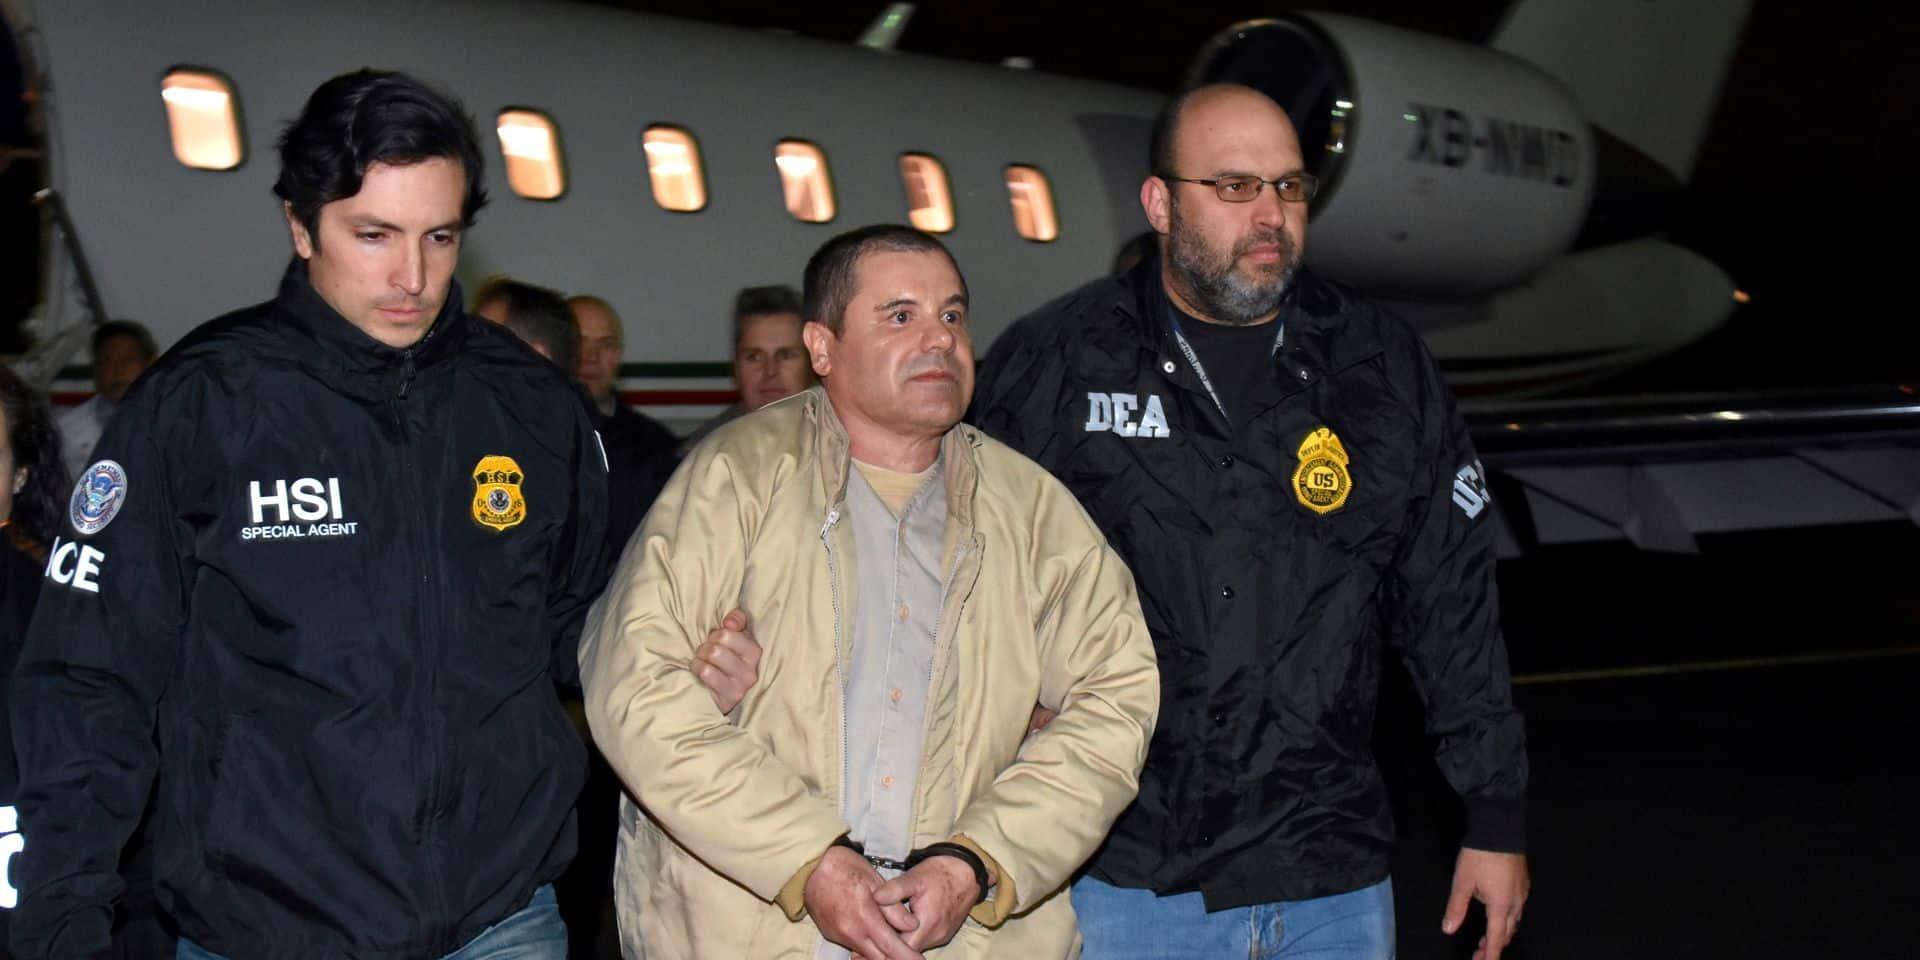 Ranchs, résidences balnéaires, jets privés : El Chapo a vécu comme un pacha